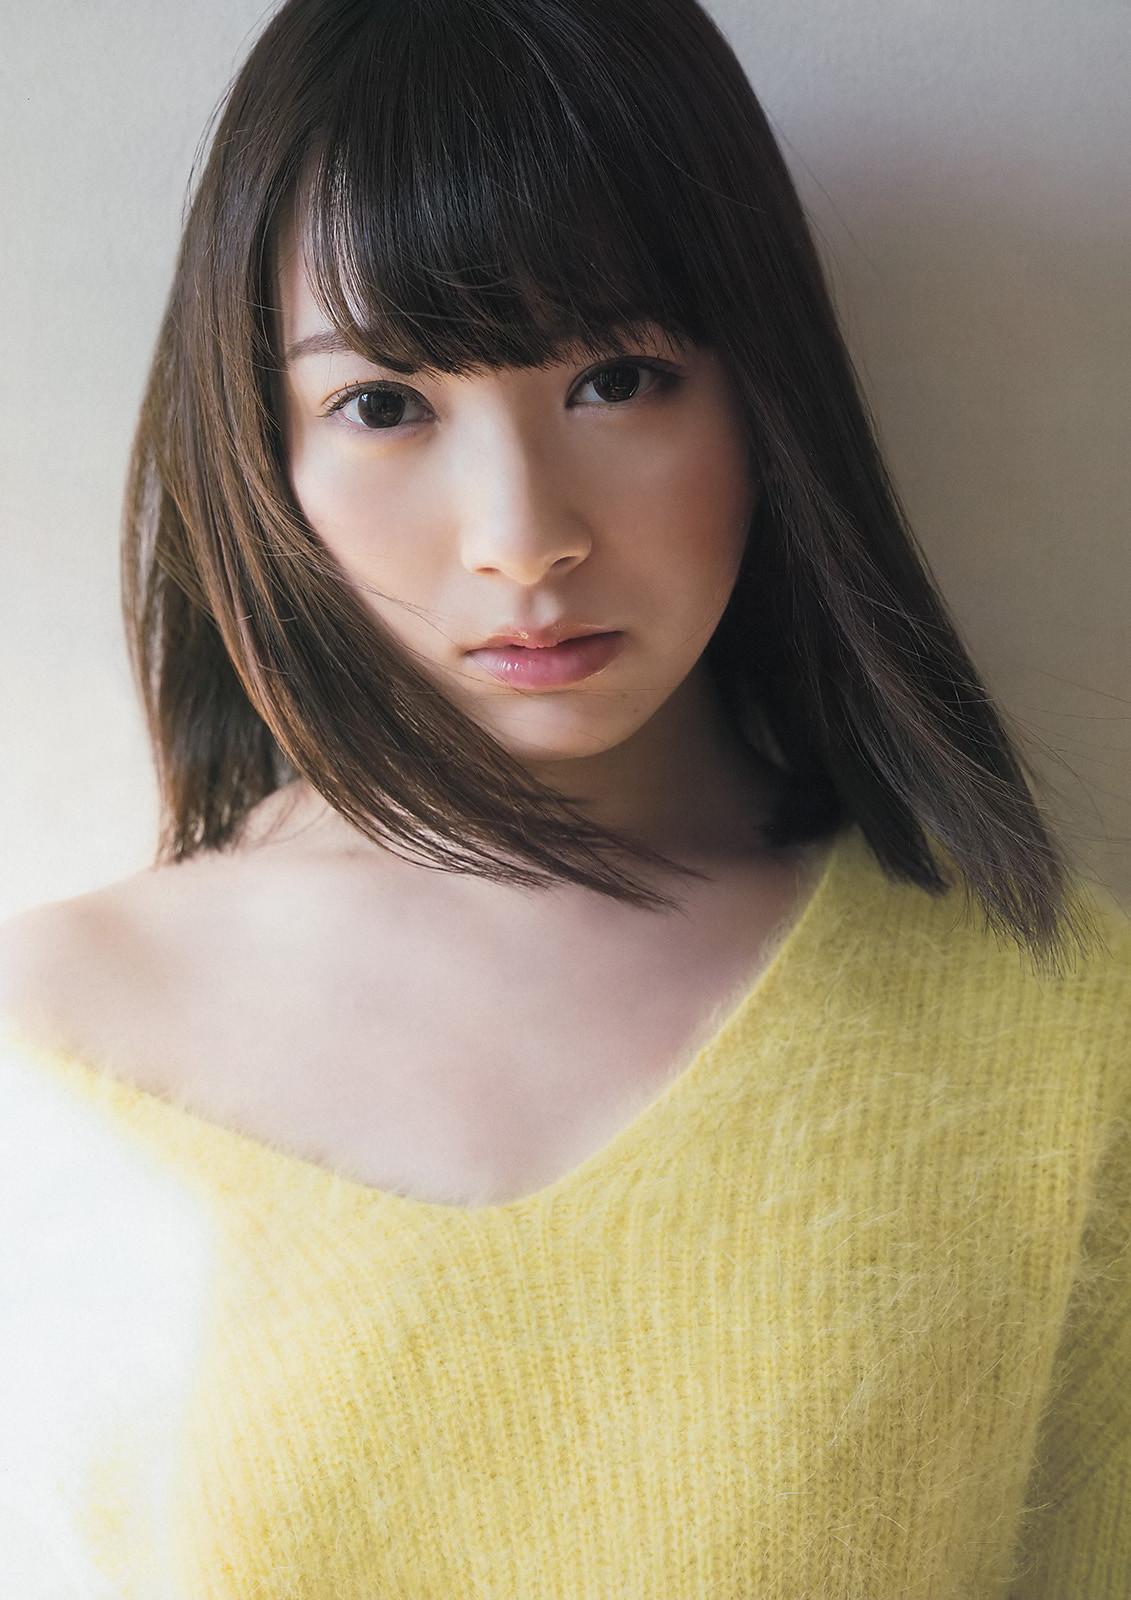 宮脇咲良 : 顔アップ特集 [綺麗な女優・アイドル・モデル、芸能